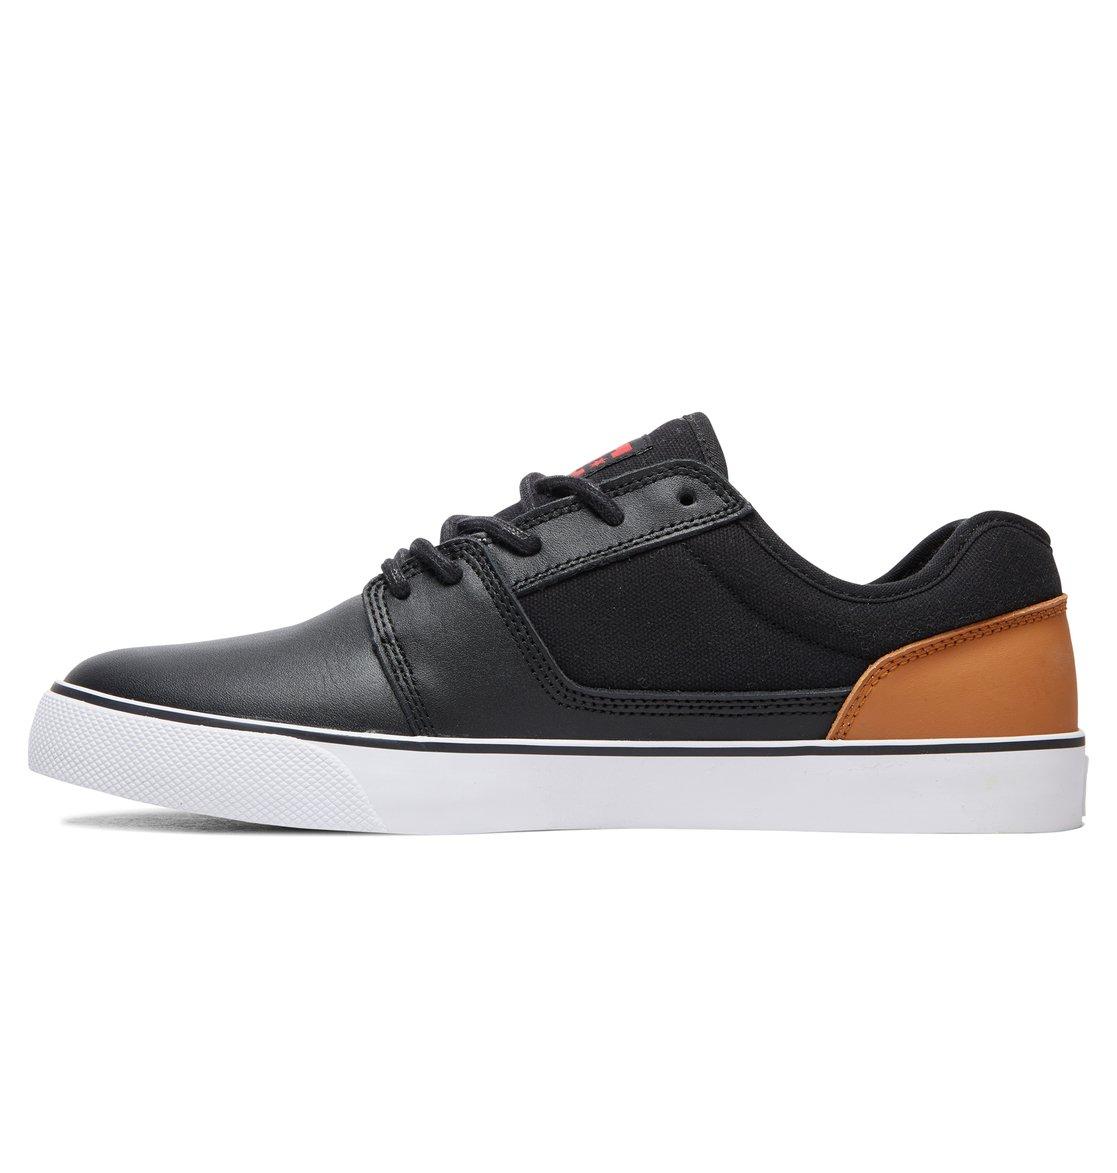 DC-Shoes-Tonik-SE-Baskets-pour-Homme-303064 miniature 13